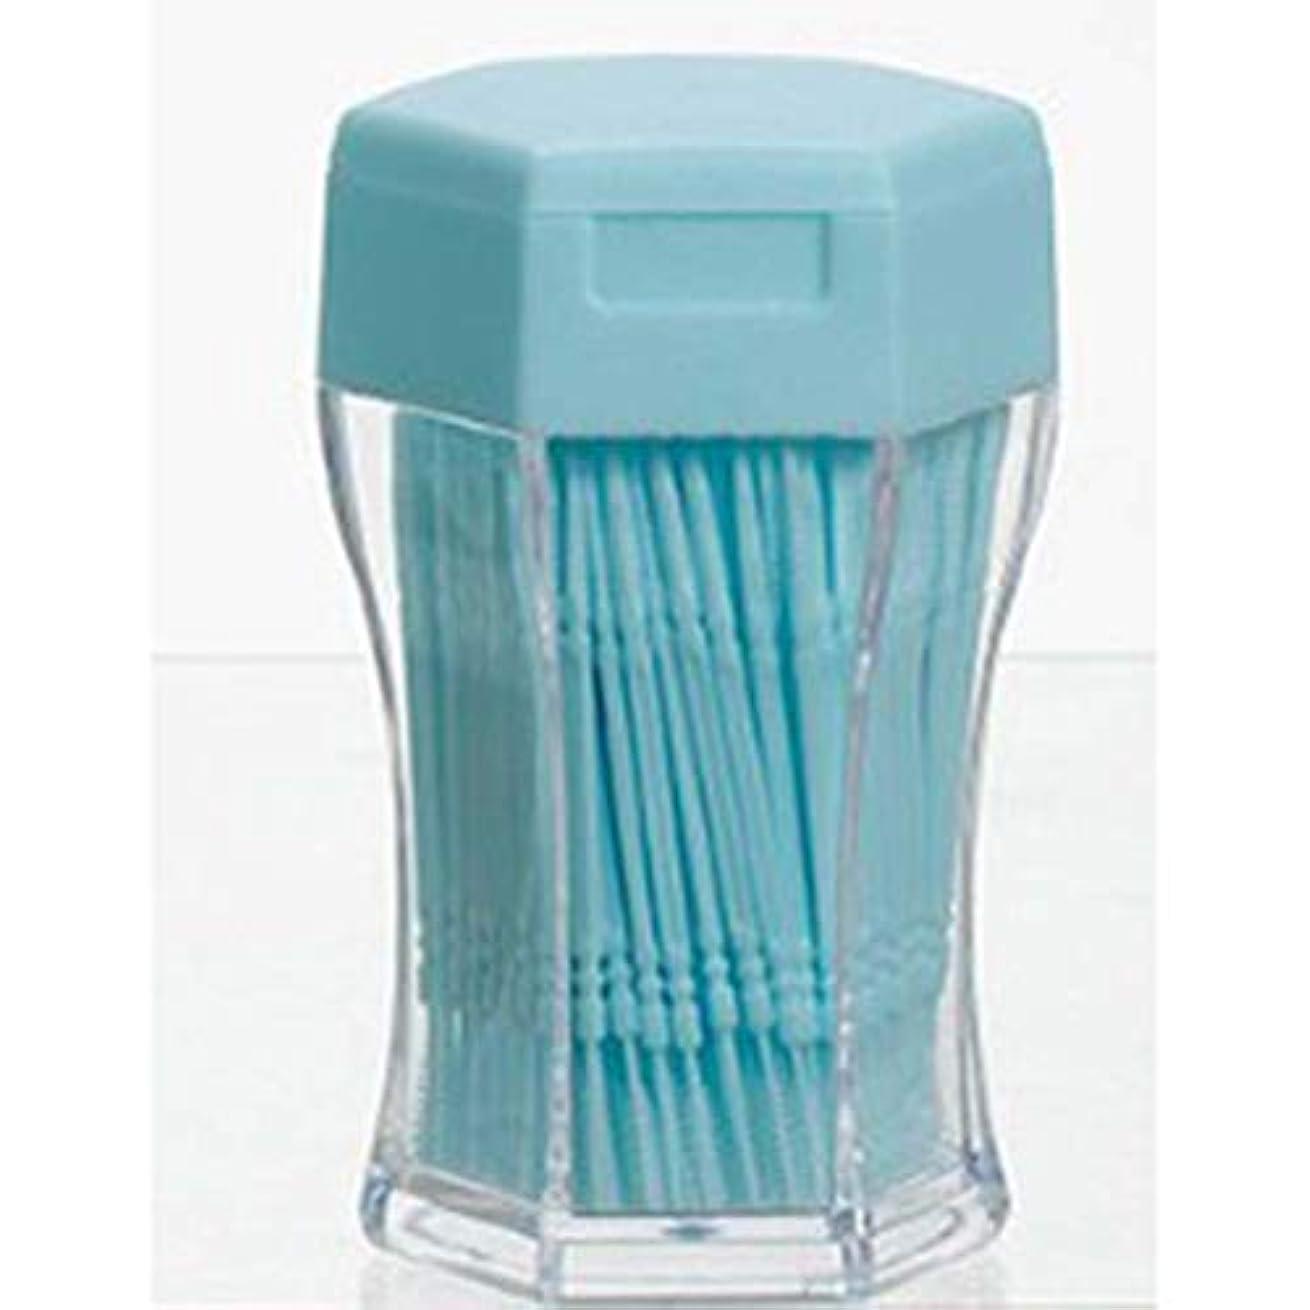 減少クレデンシャル影響力のある200ピース/セットダブルヘッド歯フロス衛生デンタルフロスプラスチック歯間つまようじ健康用歯のクリーニングオーラルケア(Color:blue)